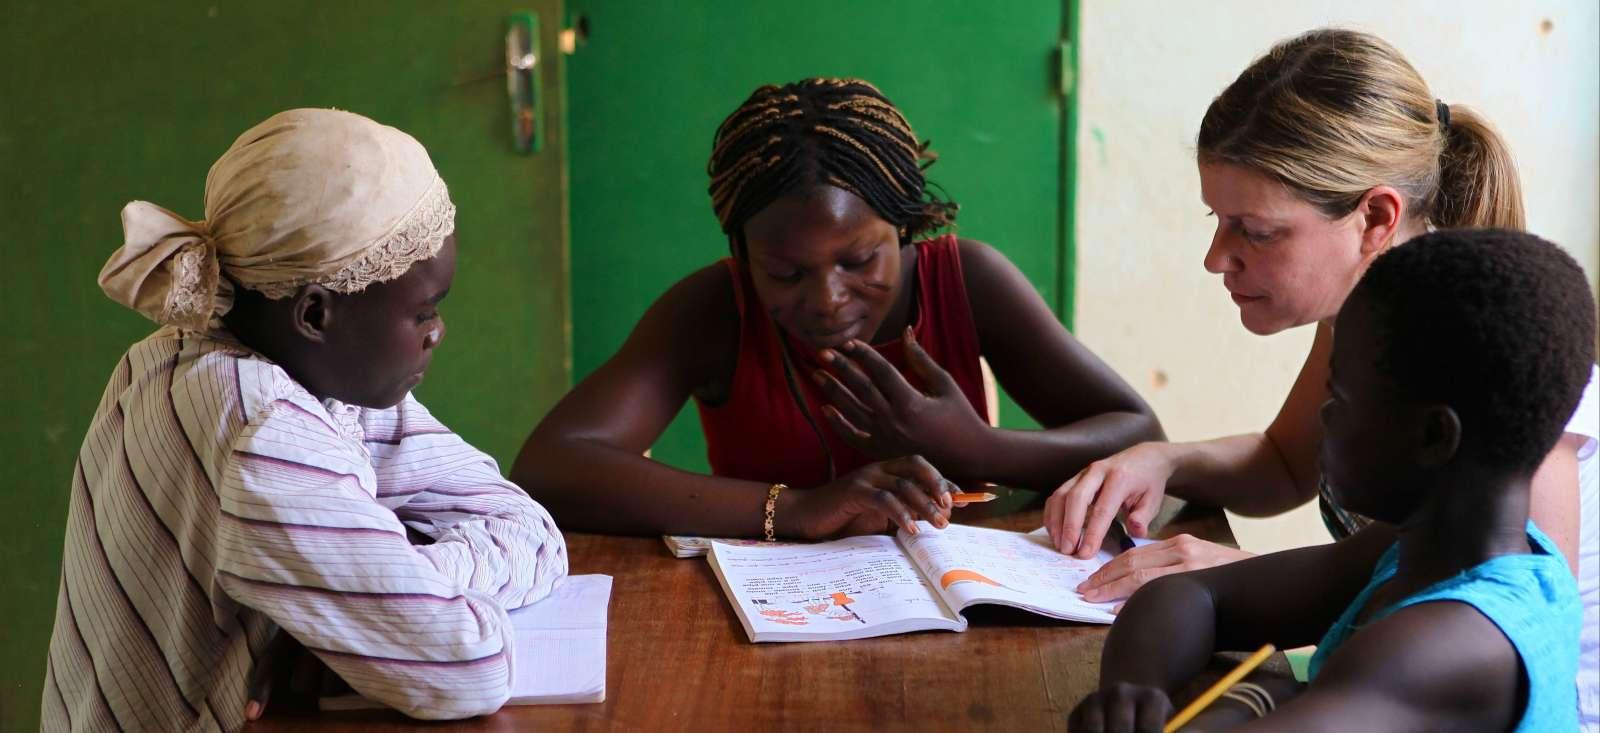 Voyage à pied Bénin : Voyage responsable et solidaire au Bénin